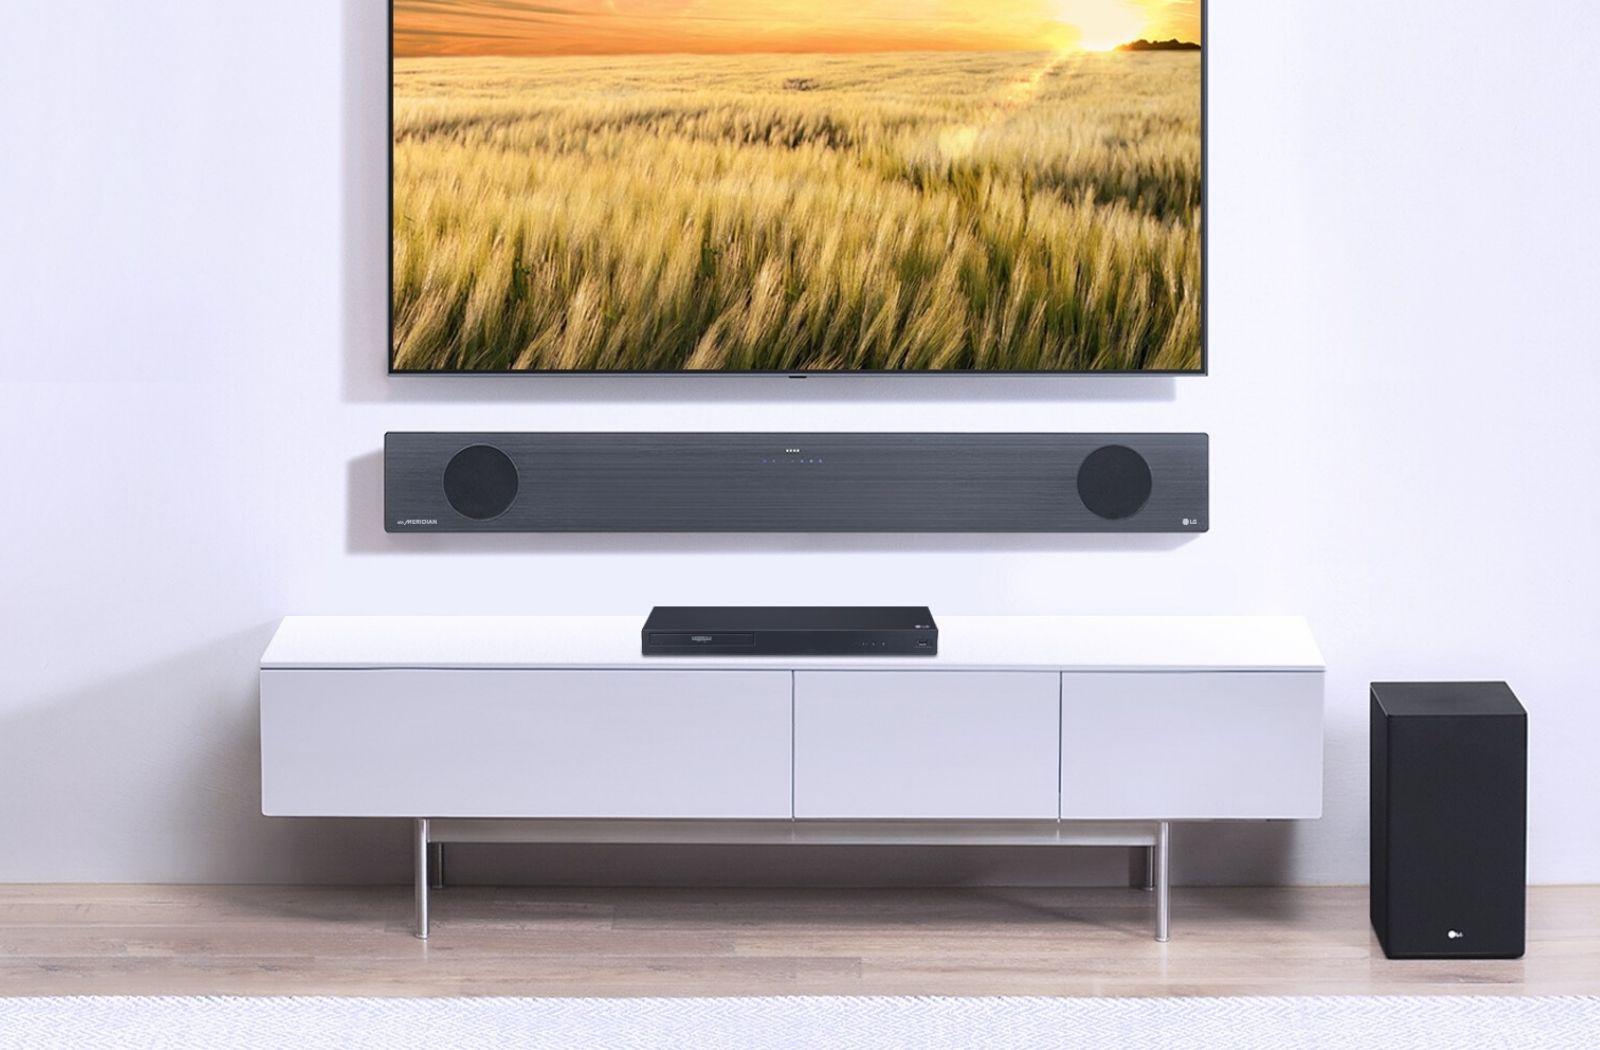 Tv al muro con soundbar